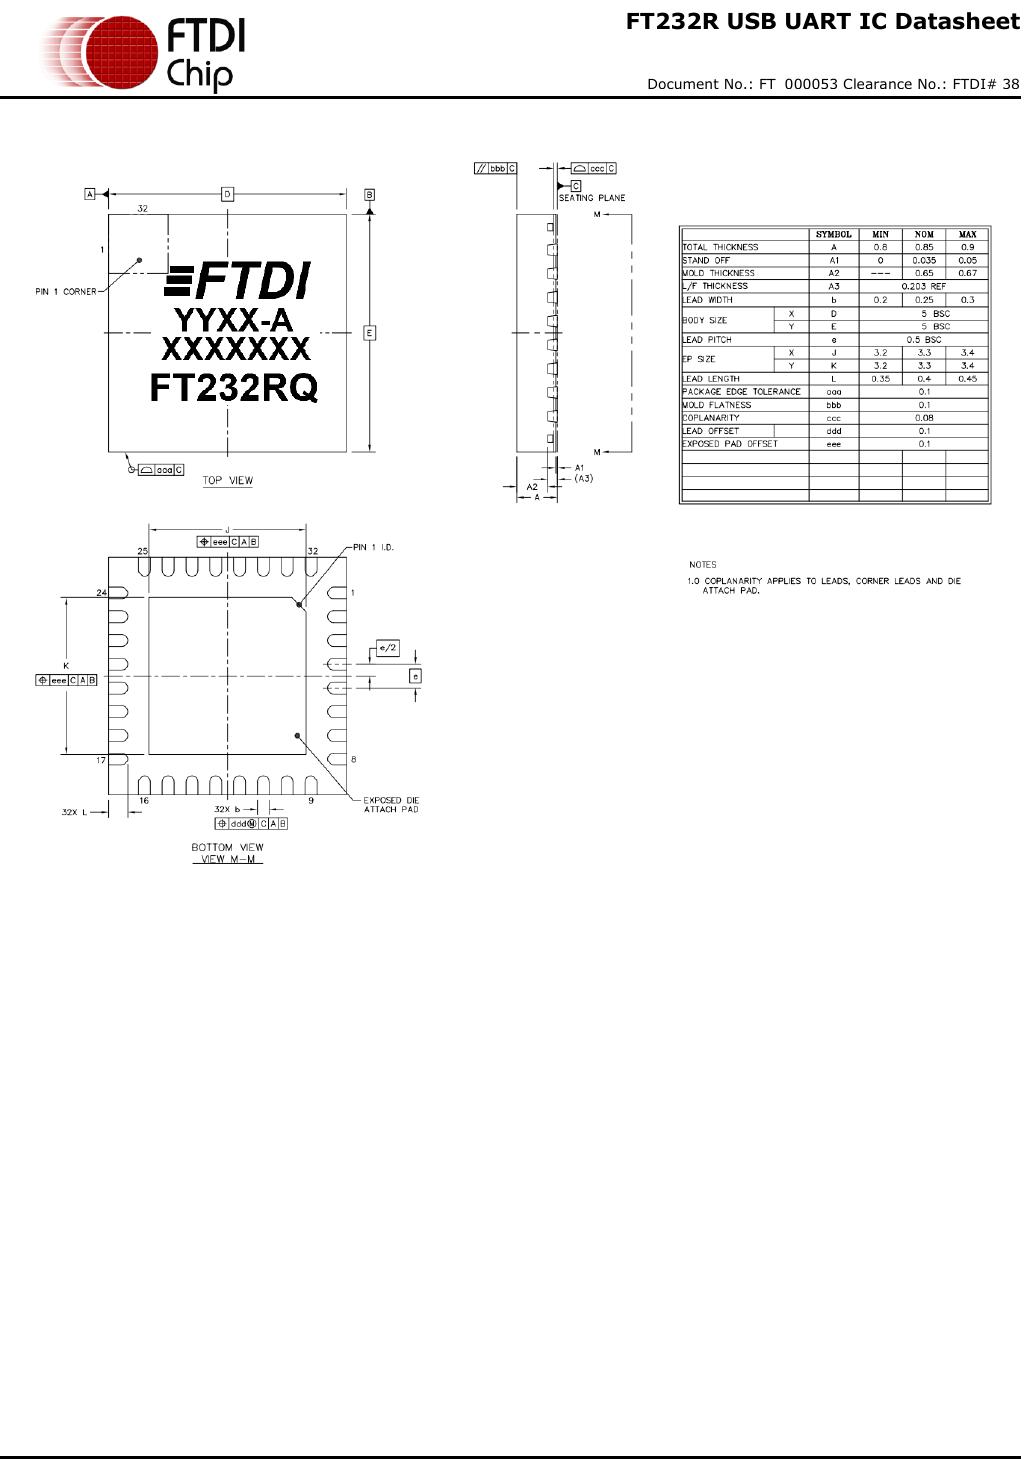 Ft232r Datasheet